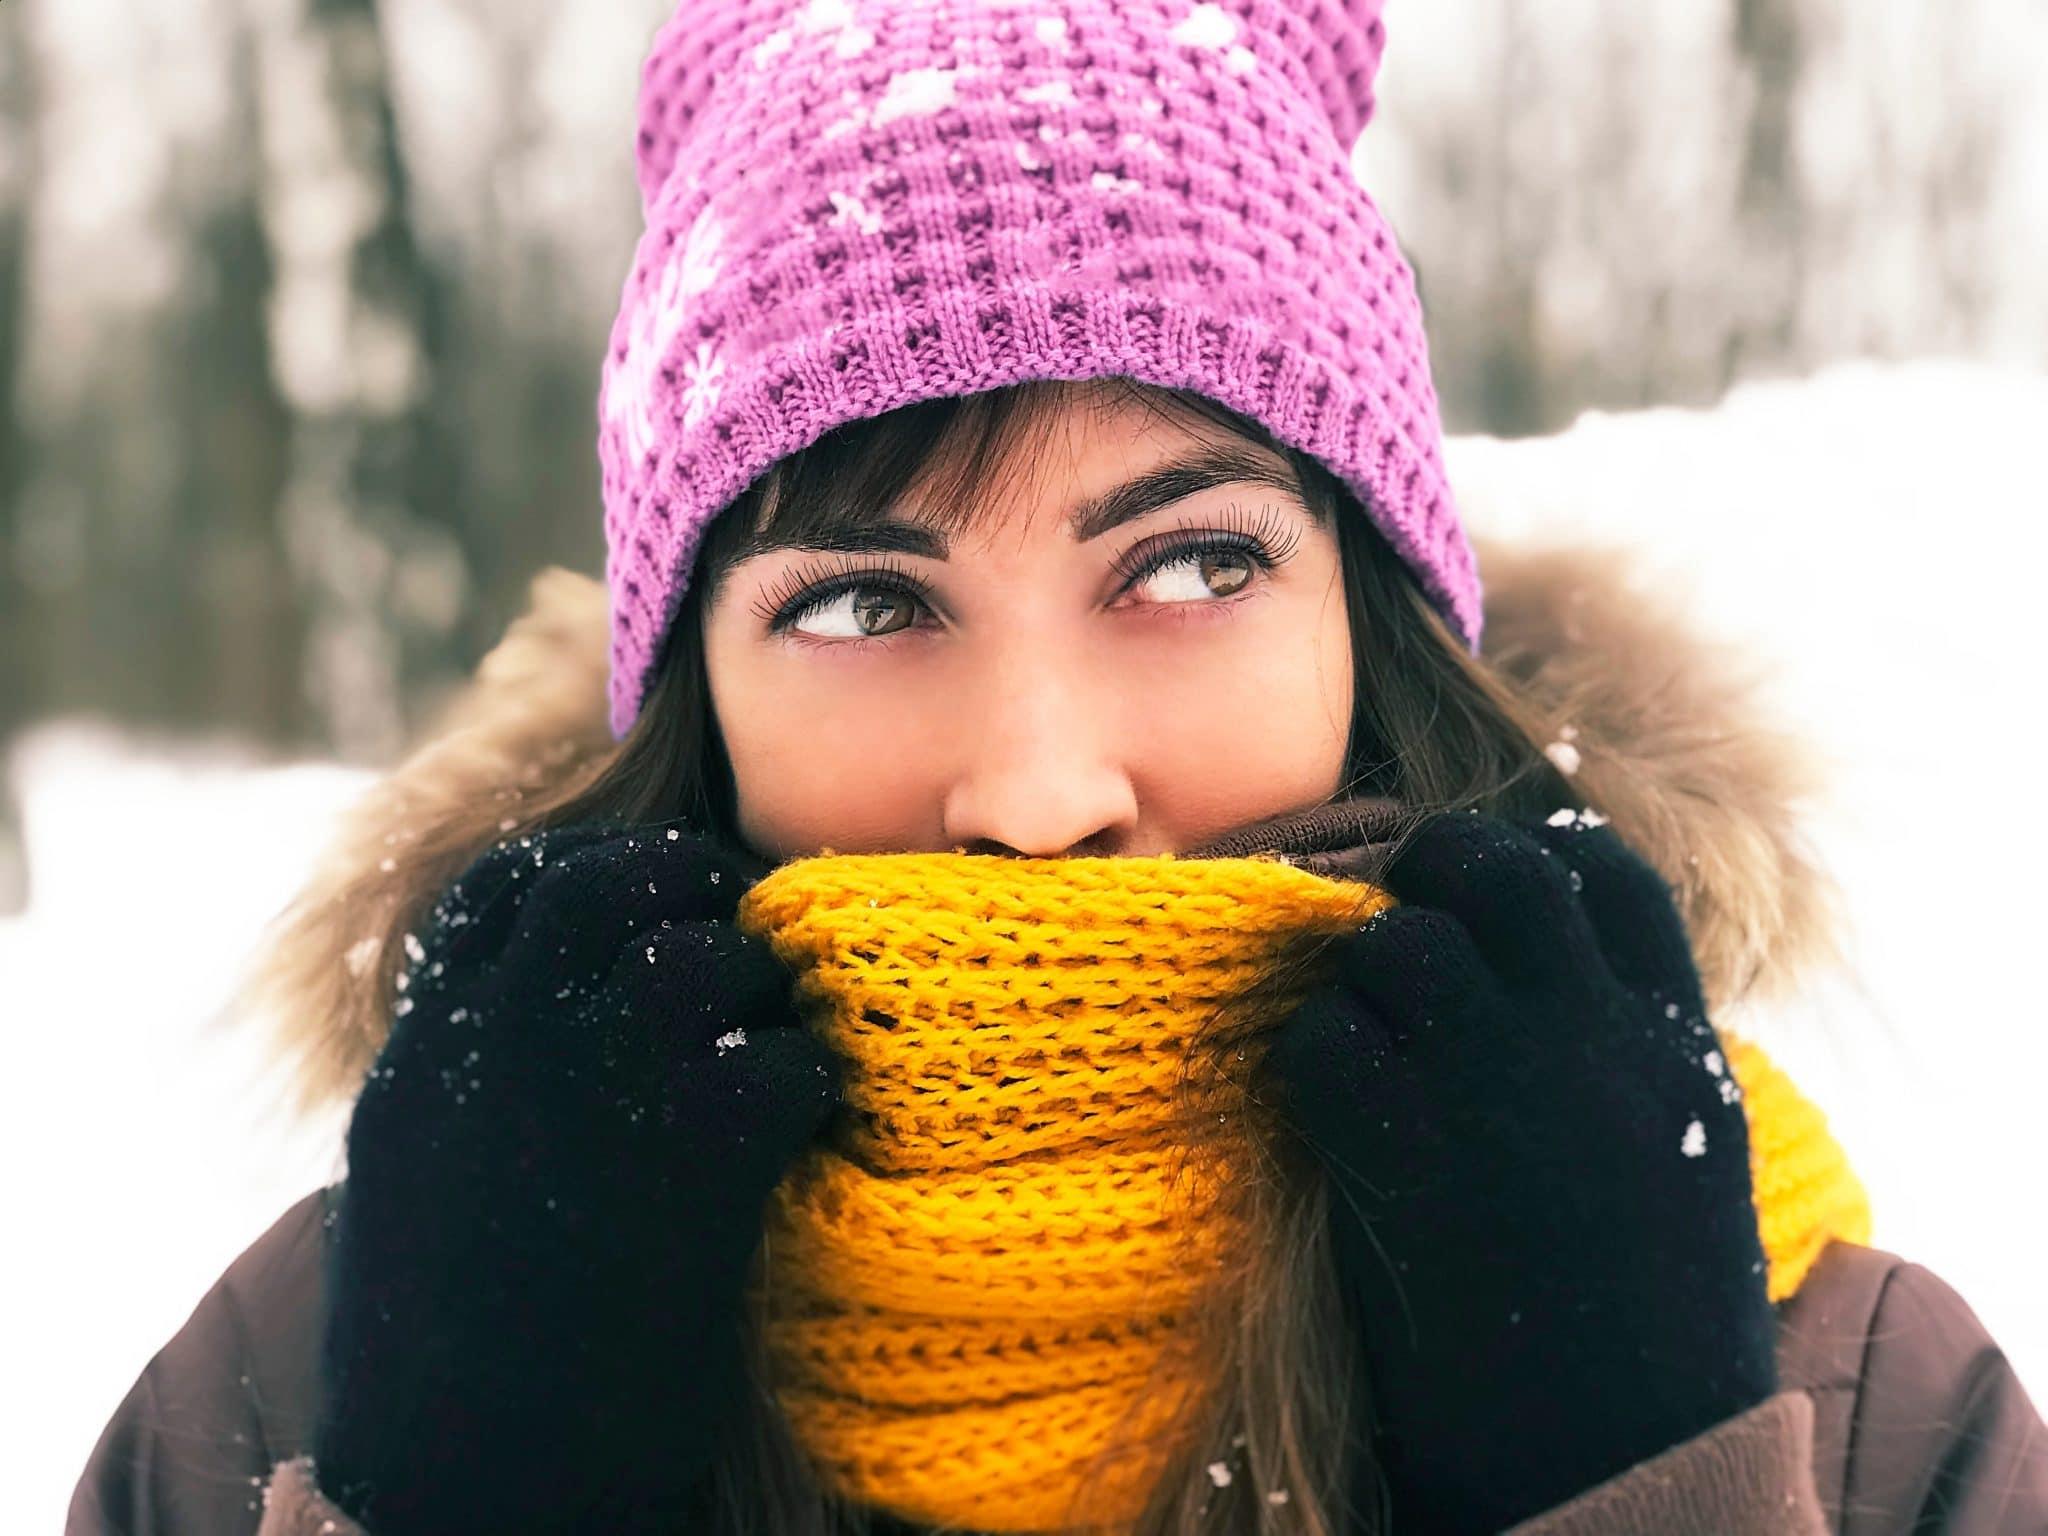 Comment bien choisir son bonnet d'hiver pour femme ?